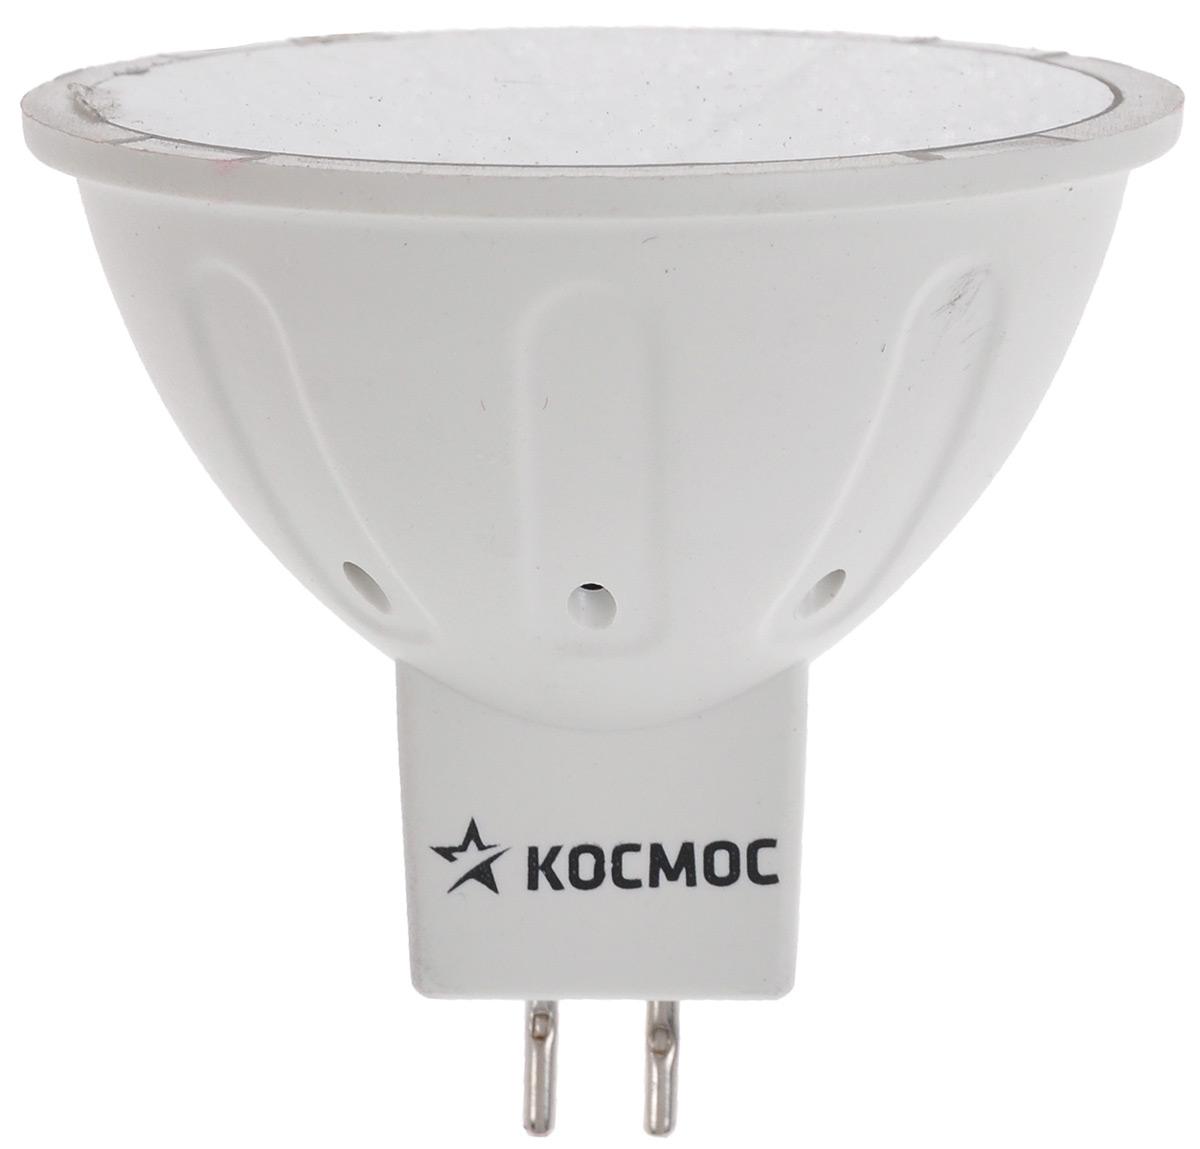 Лампа светодиодная Космос, теплый свет, цоколь GU5.3, 5WLksm_LED5wJCDRC30Светодиодная лампа Космос отличается низким энергопотреблением. Срок службы лампы 30000 часов, это в 30 раз дольше, чем у лампы накаливания. Лампа устойчива к вибрациям и высоким перепадам температур. Обладает высокой механической прочностью и вибростойкостью. Характеризуется отсутствием ультрафиолетового и инфракрасного излучений. Эквивалентна лампе накаливания мощностью 50 Вт. Направленный свет как у аналогичной галогенной лампы. Использование архитектуры высокомощных LED-ламп в формфакторах малых моделей позволяет добиться лучших показателей светового потока (550 Лм) среди большинства рыночных аналогов. Декоративные лампы специально разработаны с учетом требований российских и европейских законов и подходят ко всем осветительным устройствам, совместимым со стандартным цоколем GU5.3. Теплый белый оттенок света лампы отлично украсит вашу кухню или гостиную. В основе лампы используются светодиоды от мирового лидера Epistar. Номинальное...